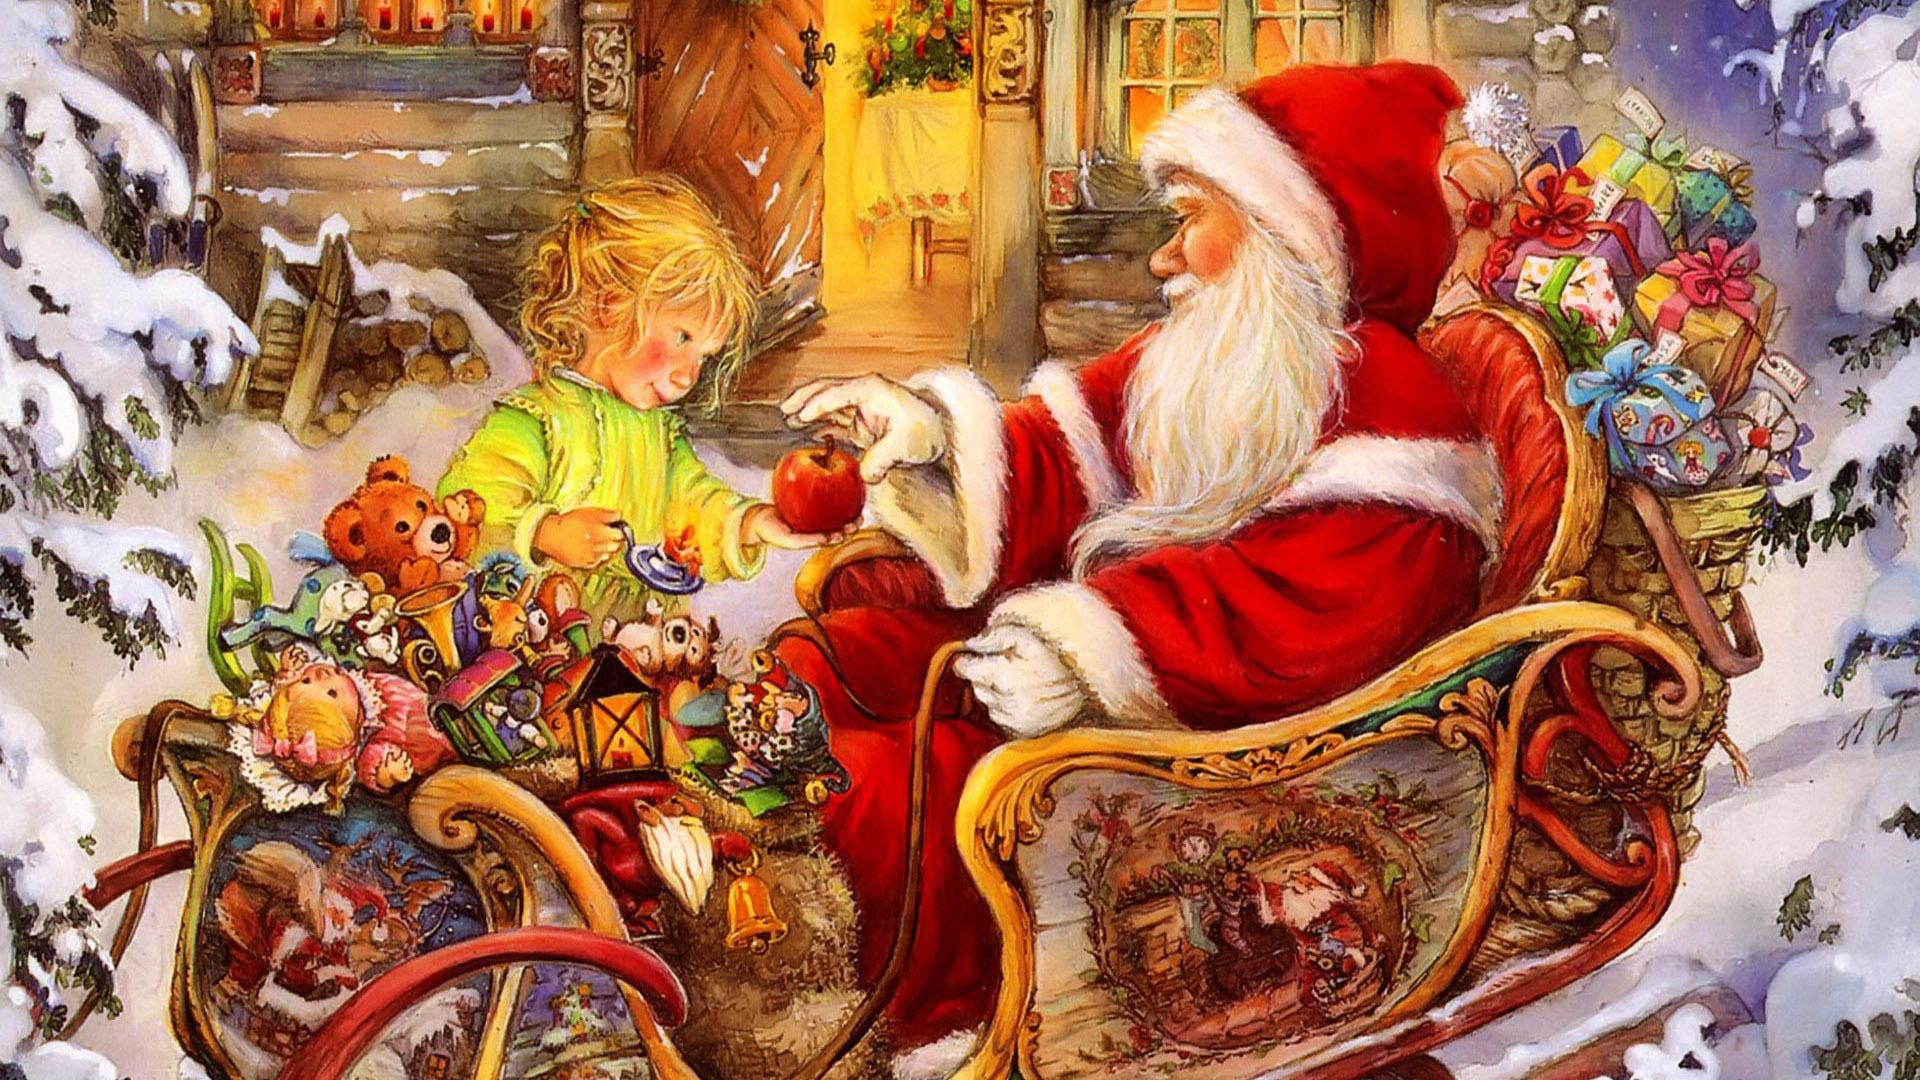 Красивые картинки и рисунки для детского сада на Новый год 10